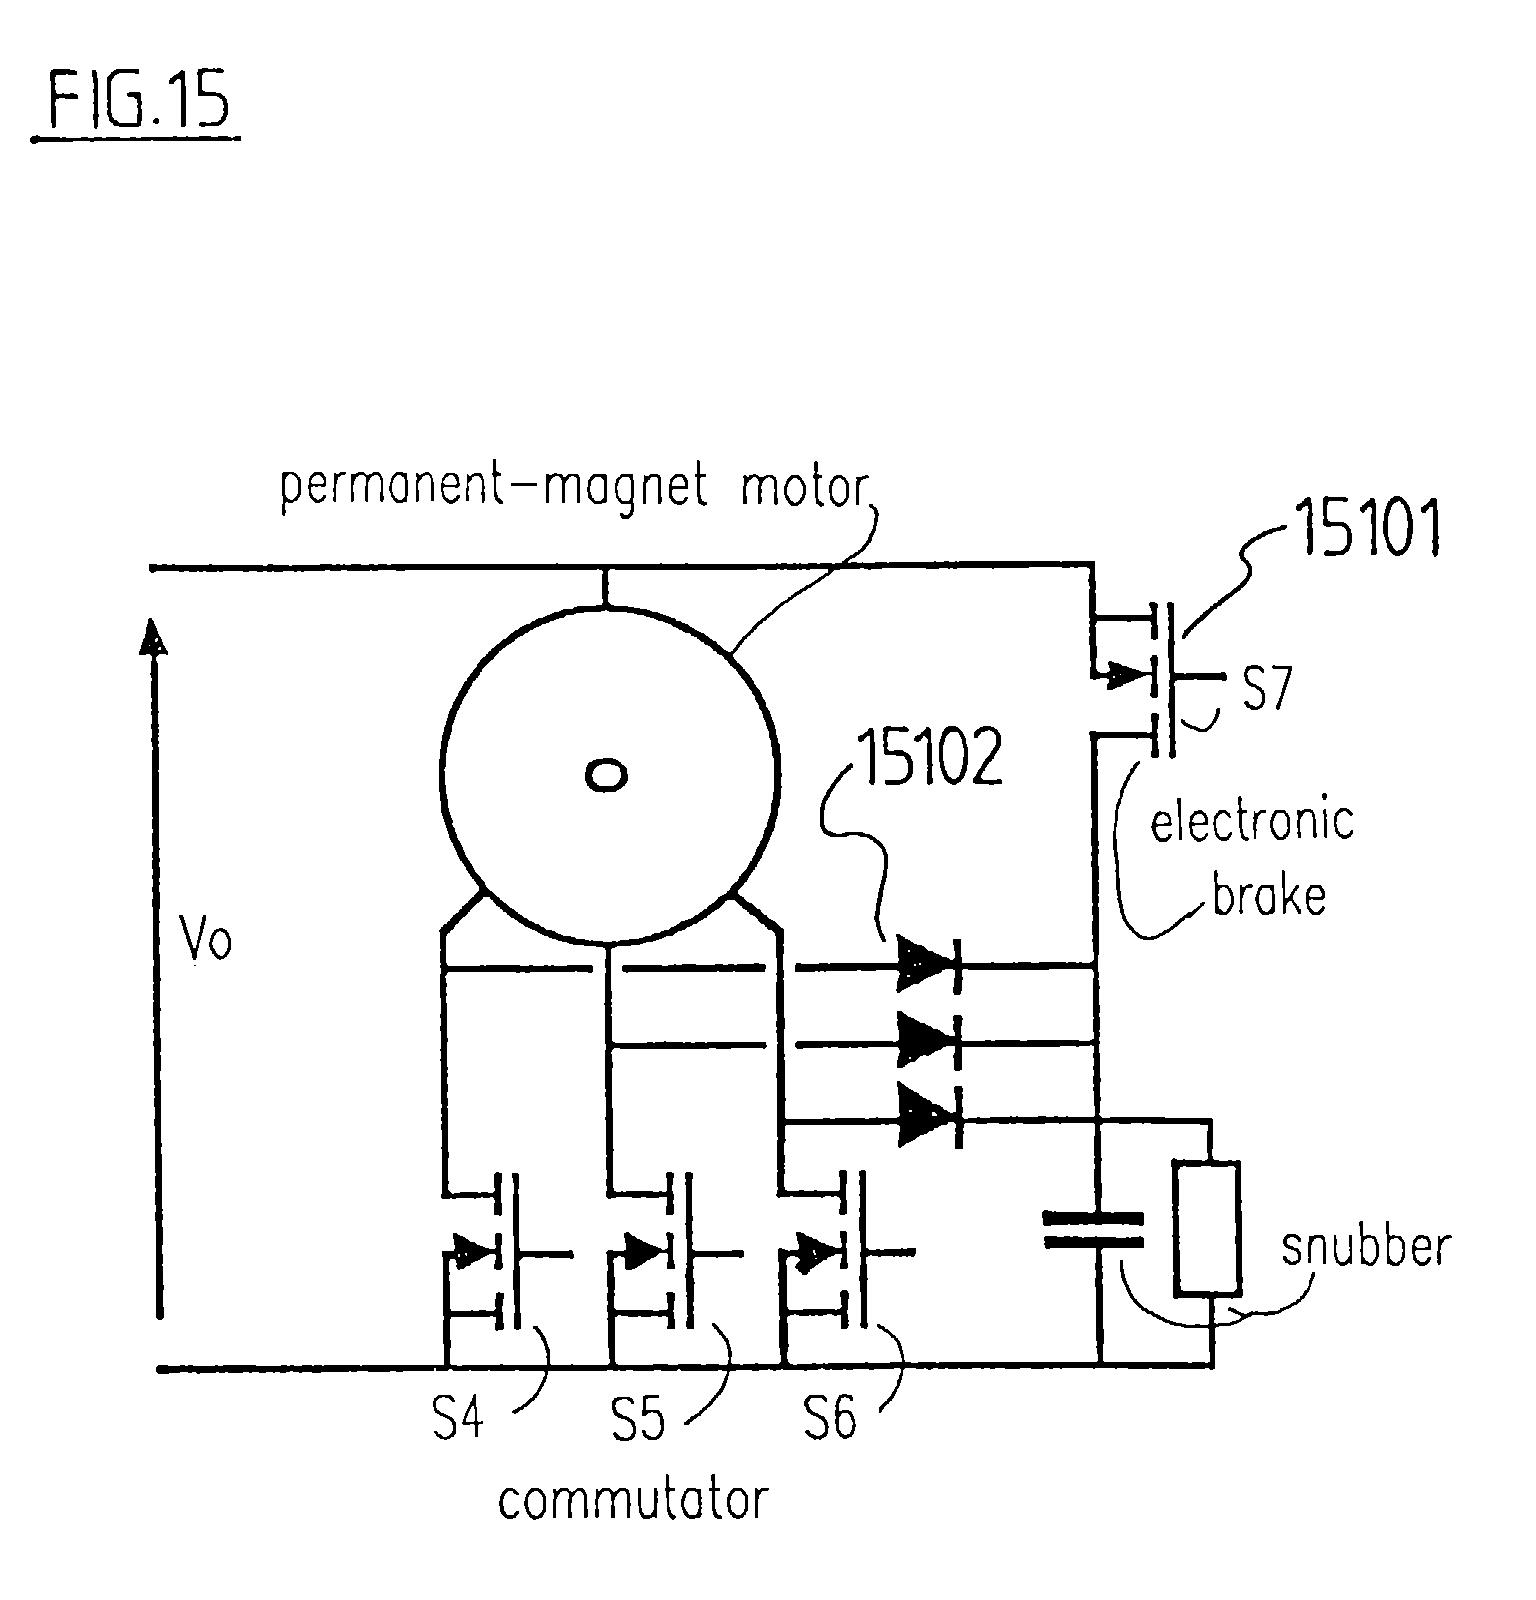 motor wiring drawing ke motor wiring diagram wiring diagram data  ke motor wiring diagram wiring